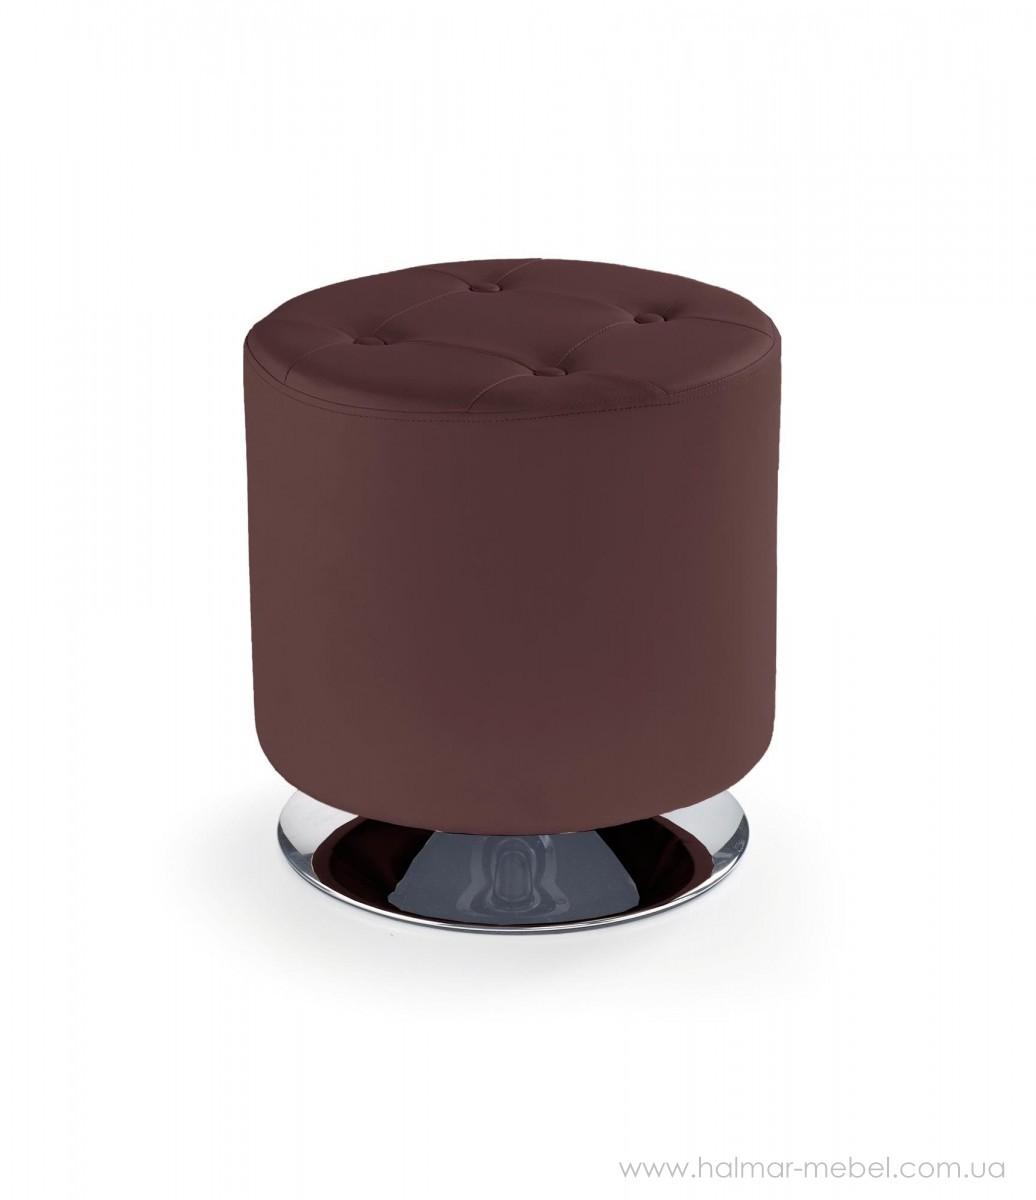 Пуф DORA HALMAR (темно-коричневый)